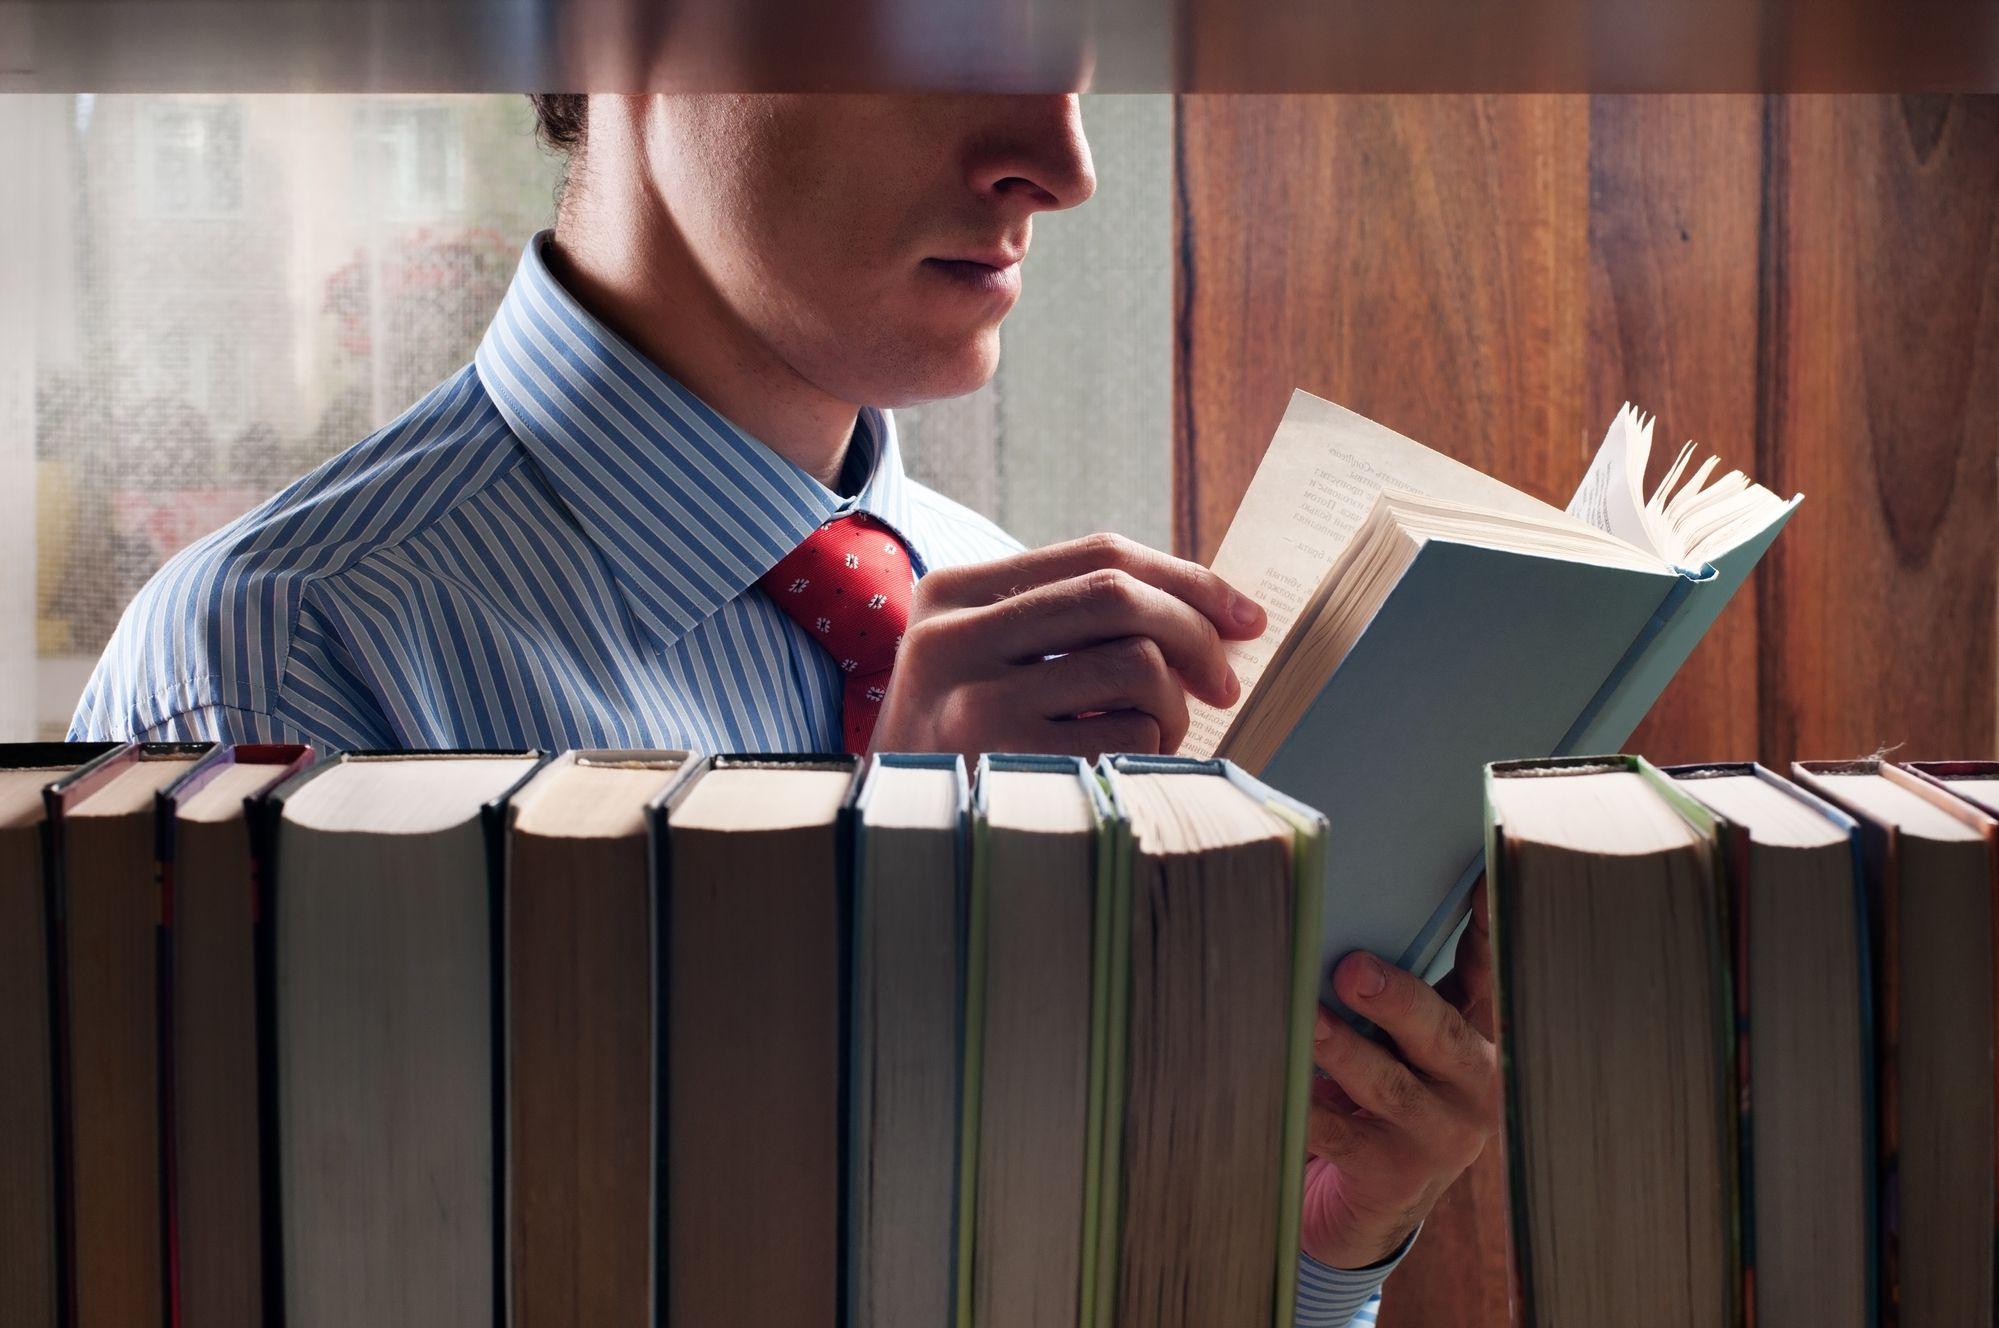 fdlx.com как стать умнее книги, какие книги нужно читать чтобы стать умнее